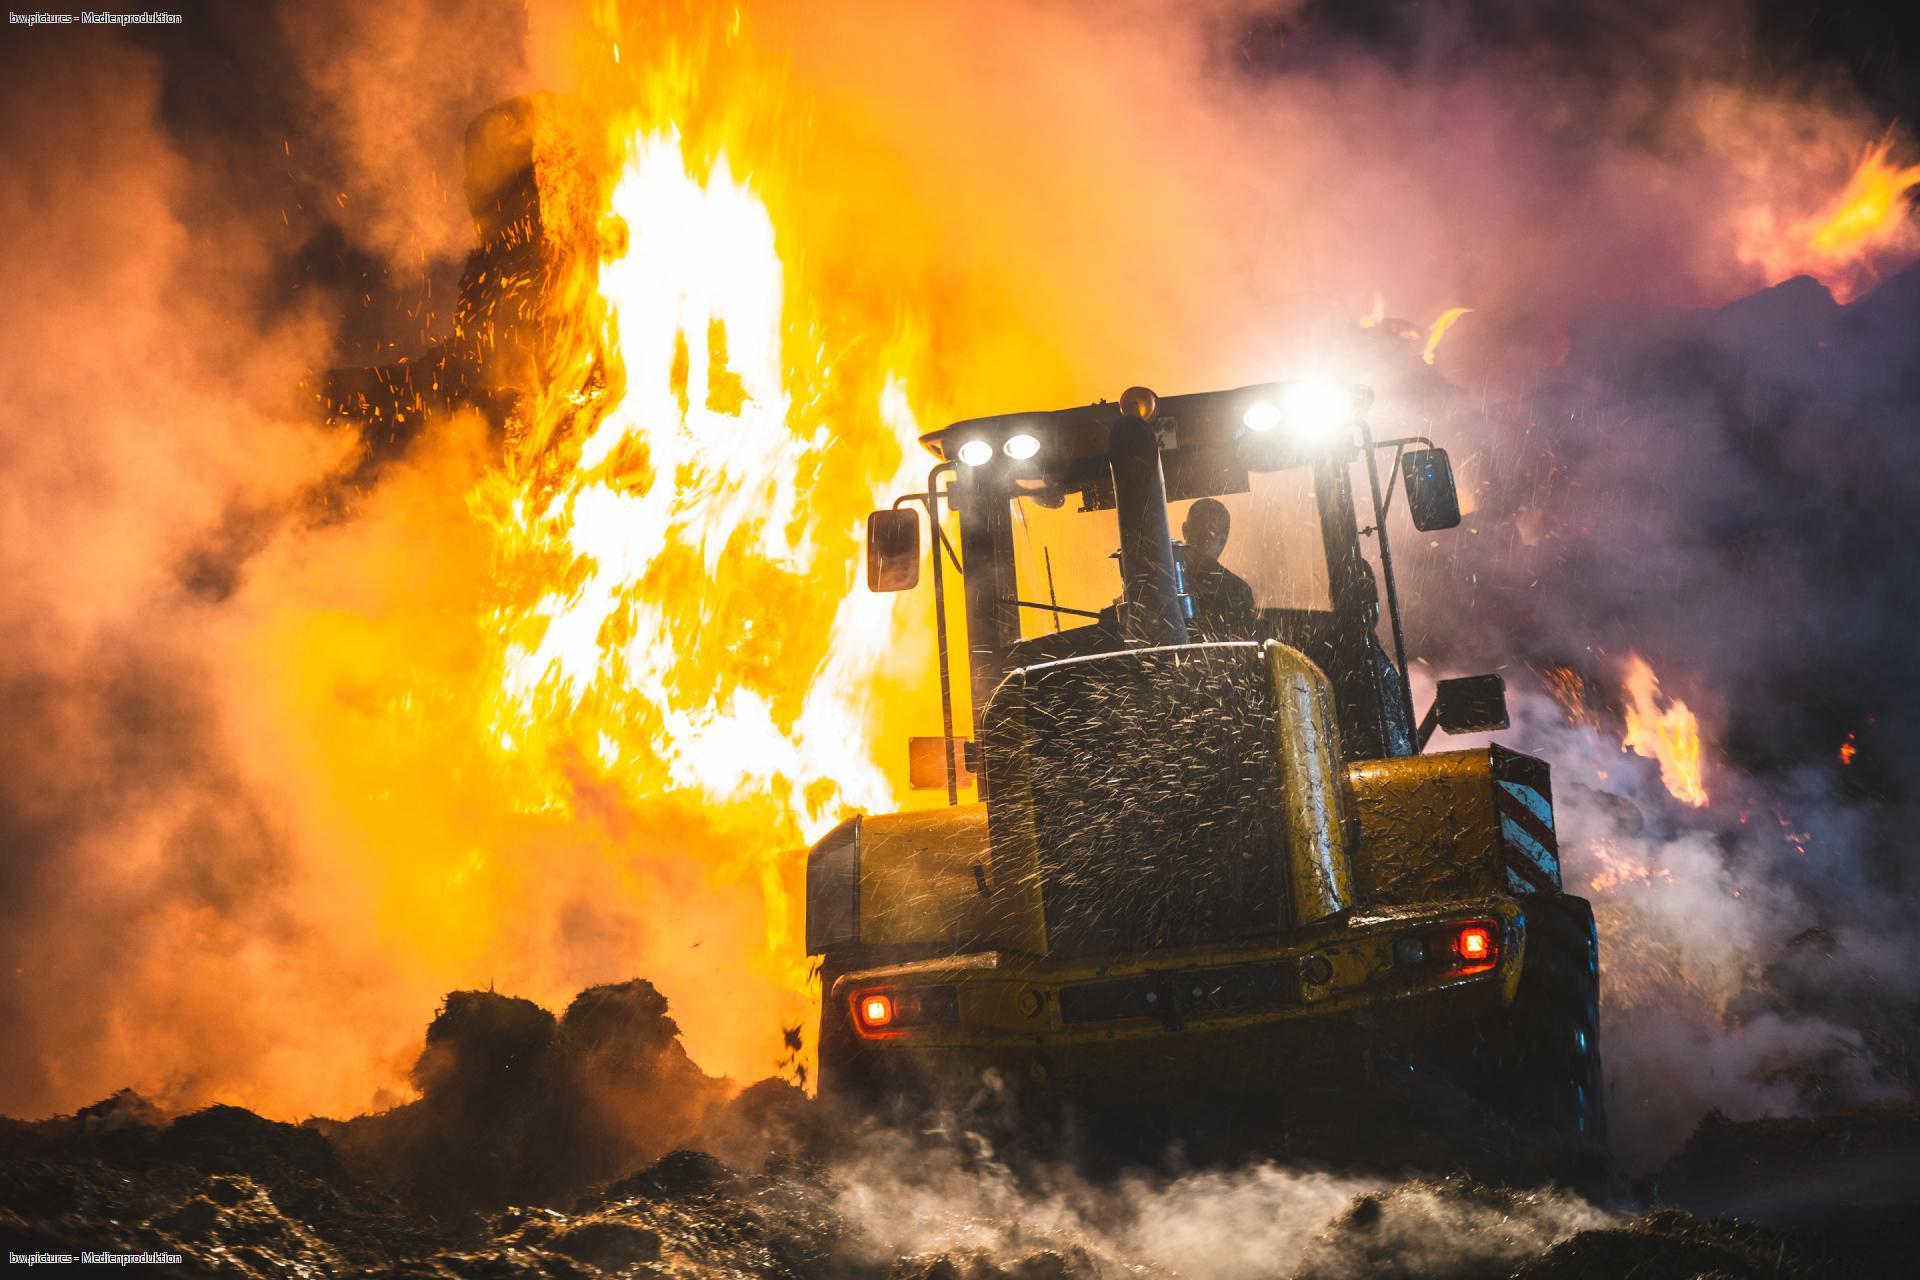 War der Brand in Piesigitz ein Anschlag?